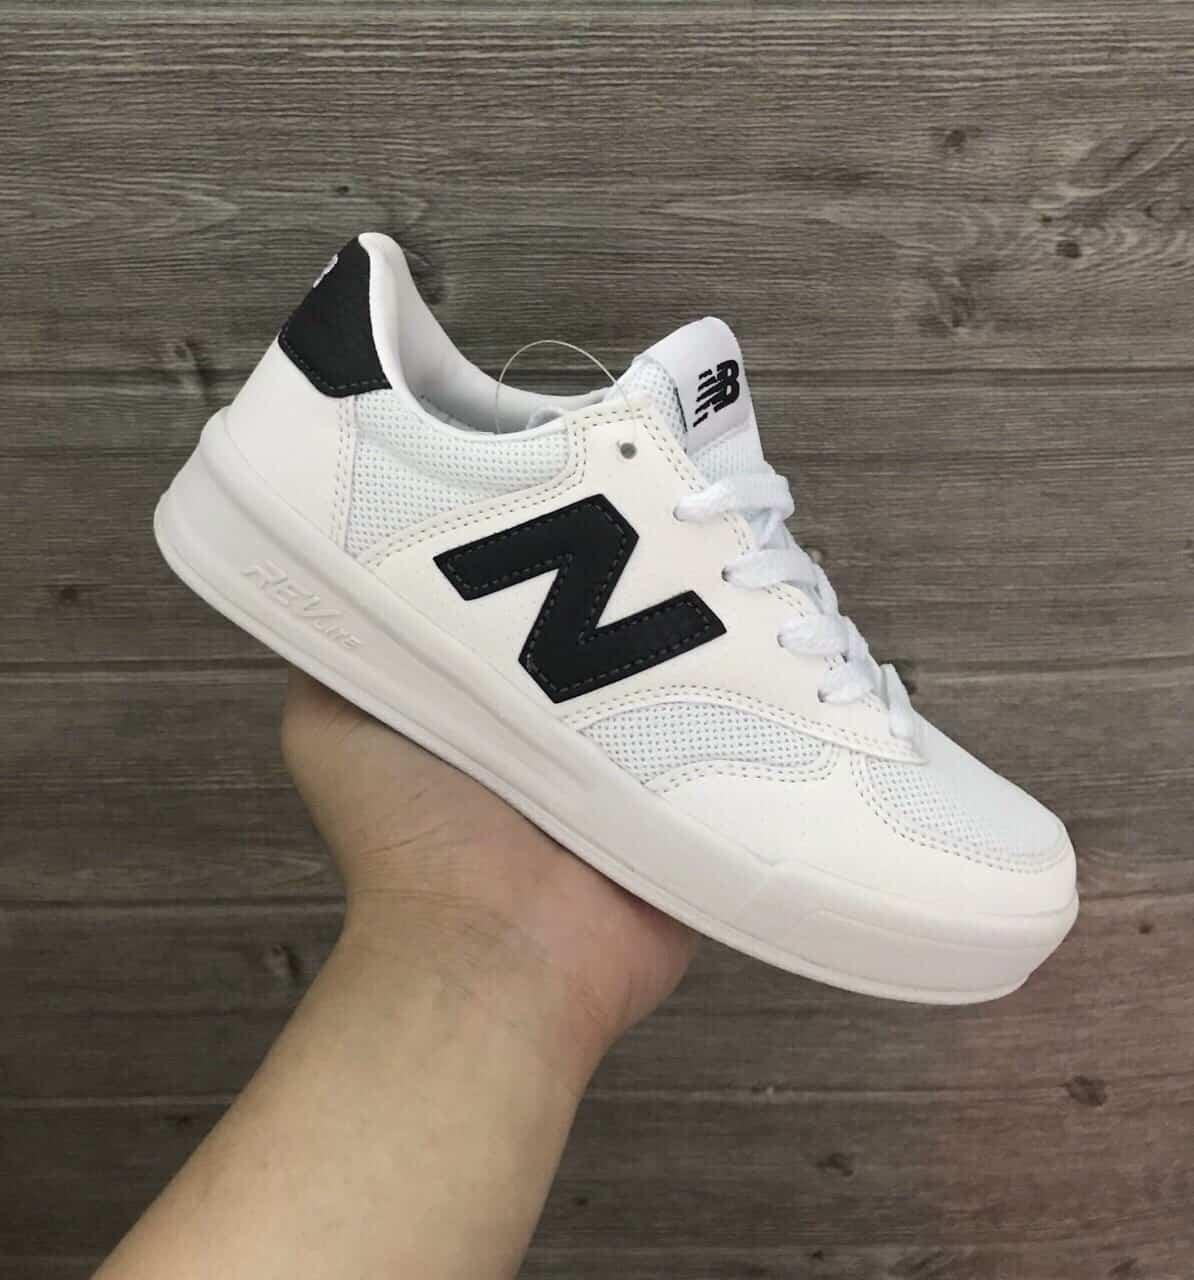 Giày New Balance Đen rep 1:1 là mẫu giày được nhiều bạn ưa chuộng nhất hiện nay